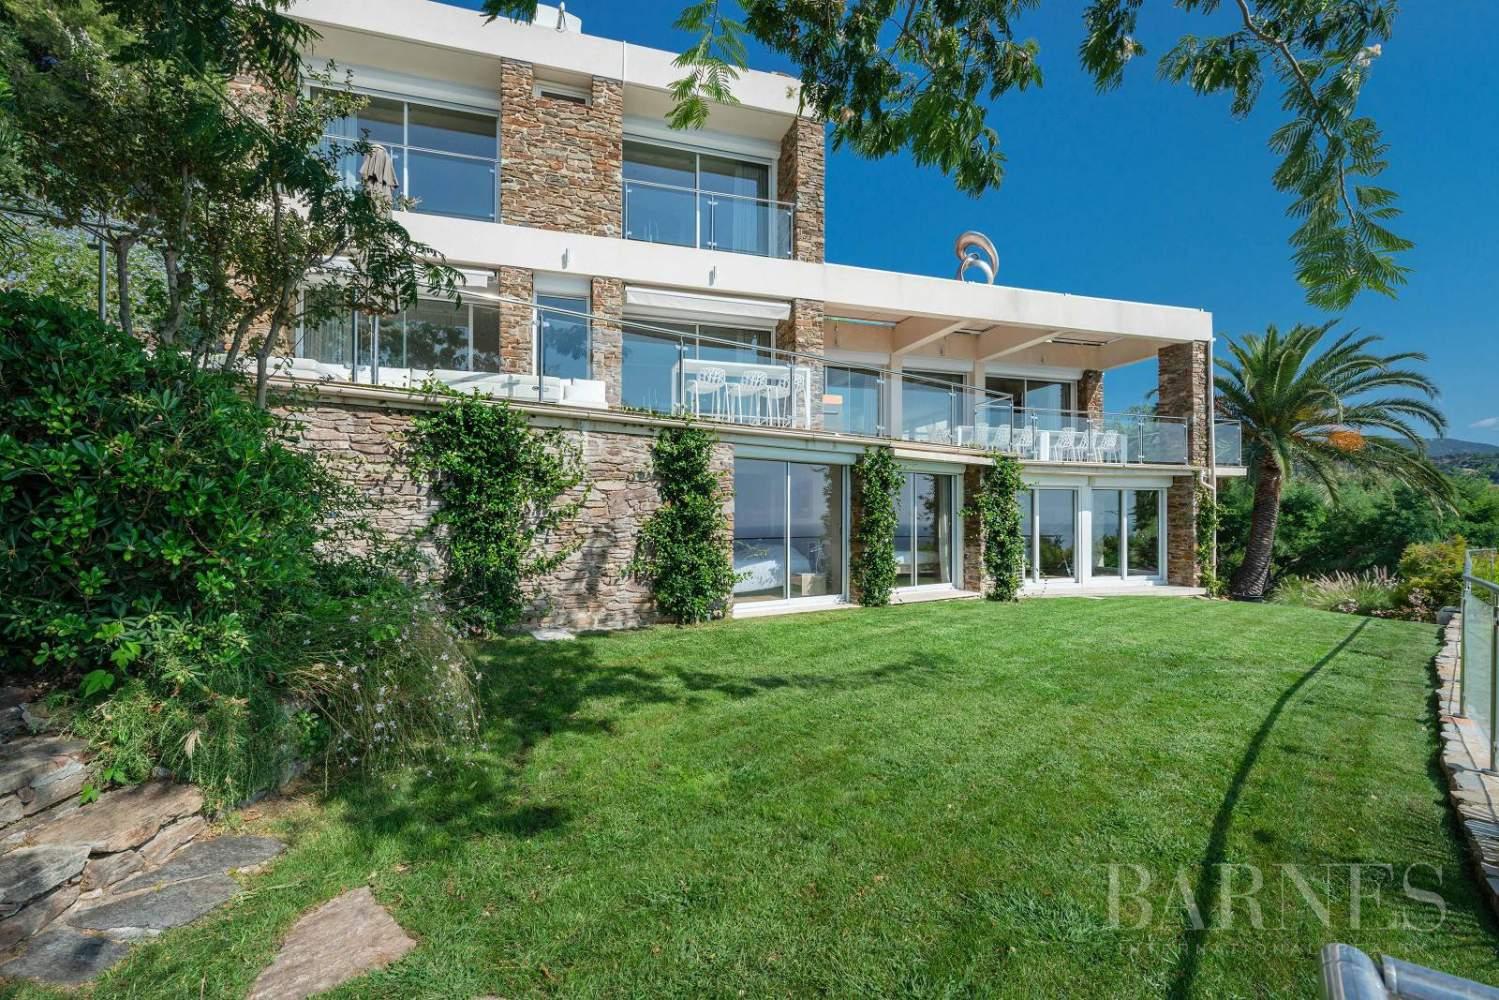 A vendre Le Lavandou villa 6 chambres vue mer panoramique - piscine picture 14